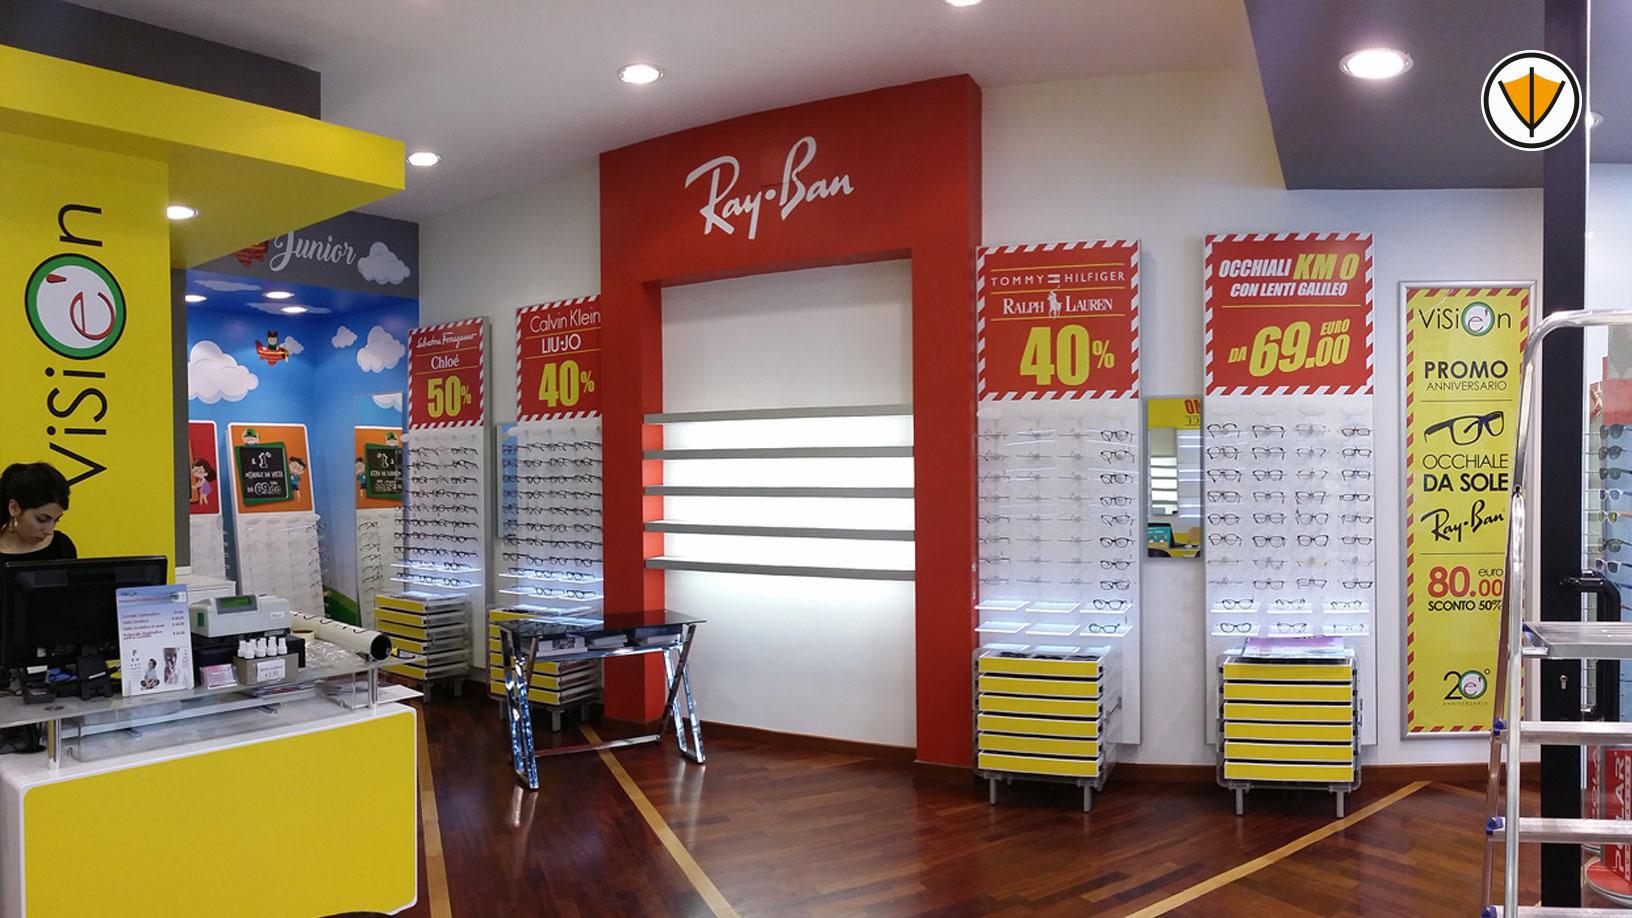 Restyling negozio di ottica Visionè - Dopo